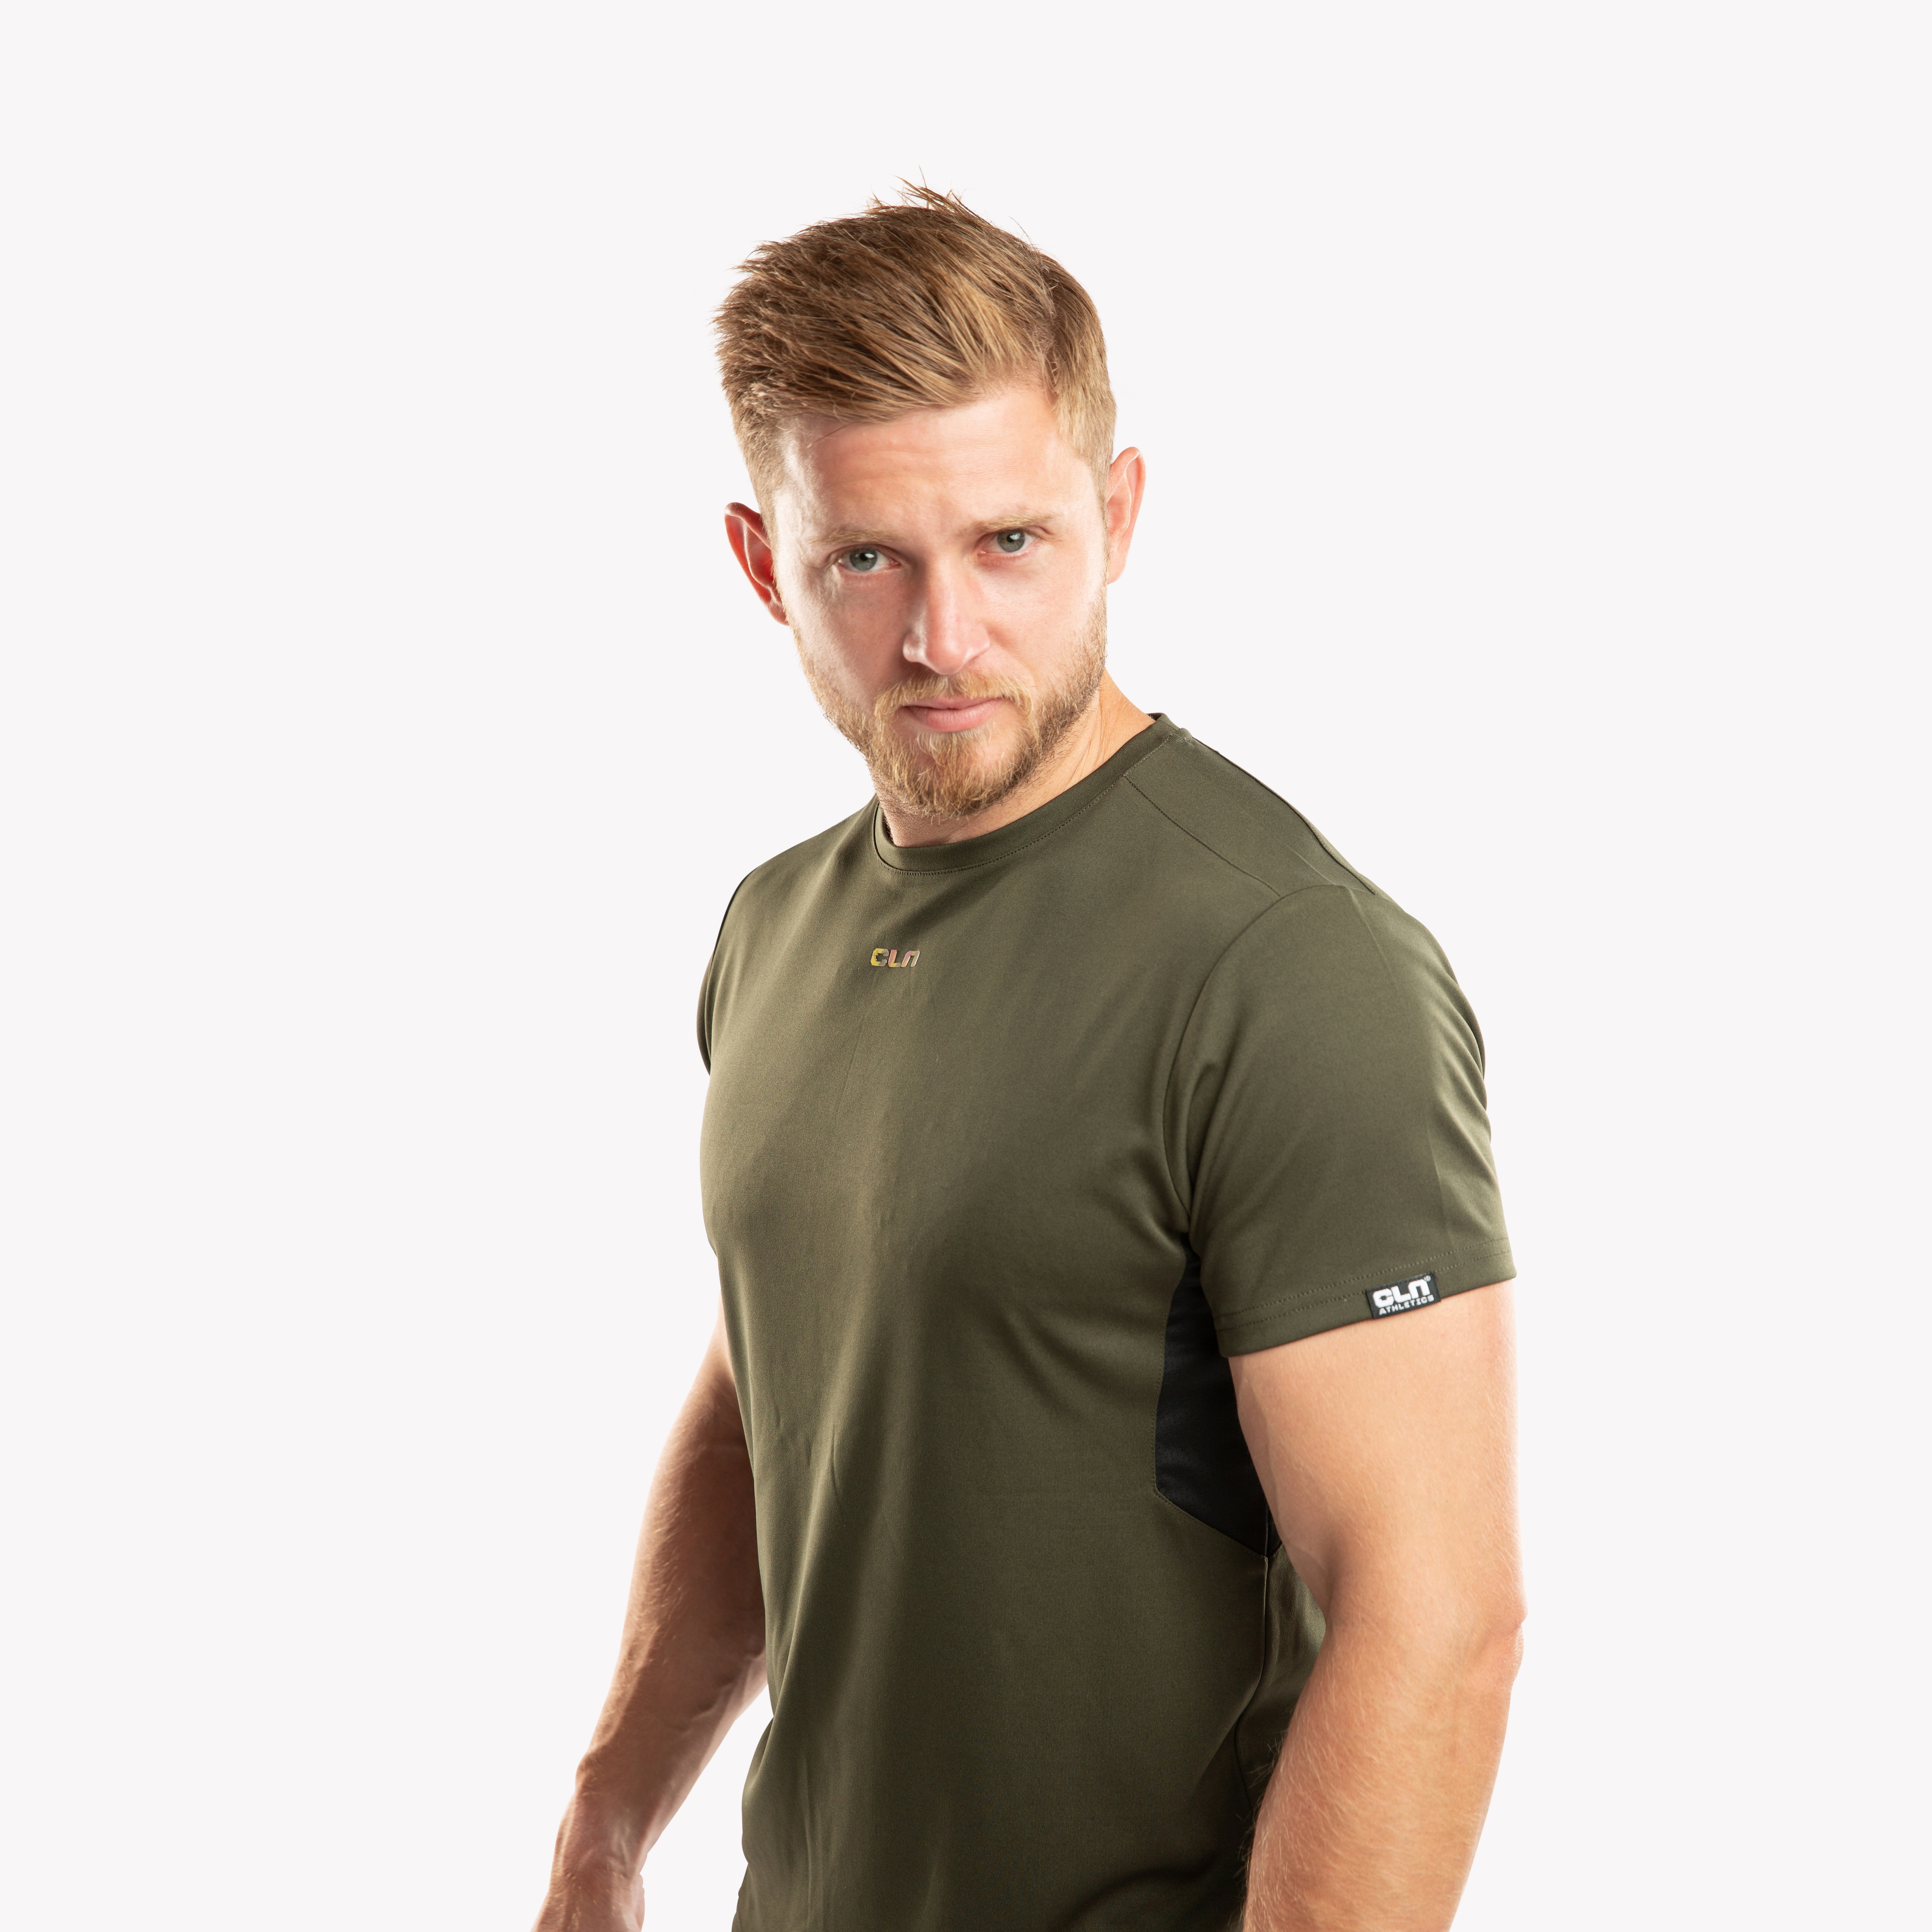 CLN Exhaust t-shirt Dark olive